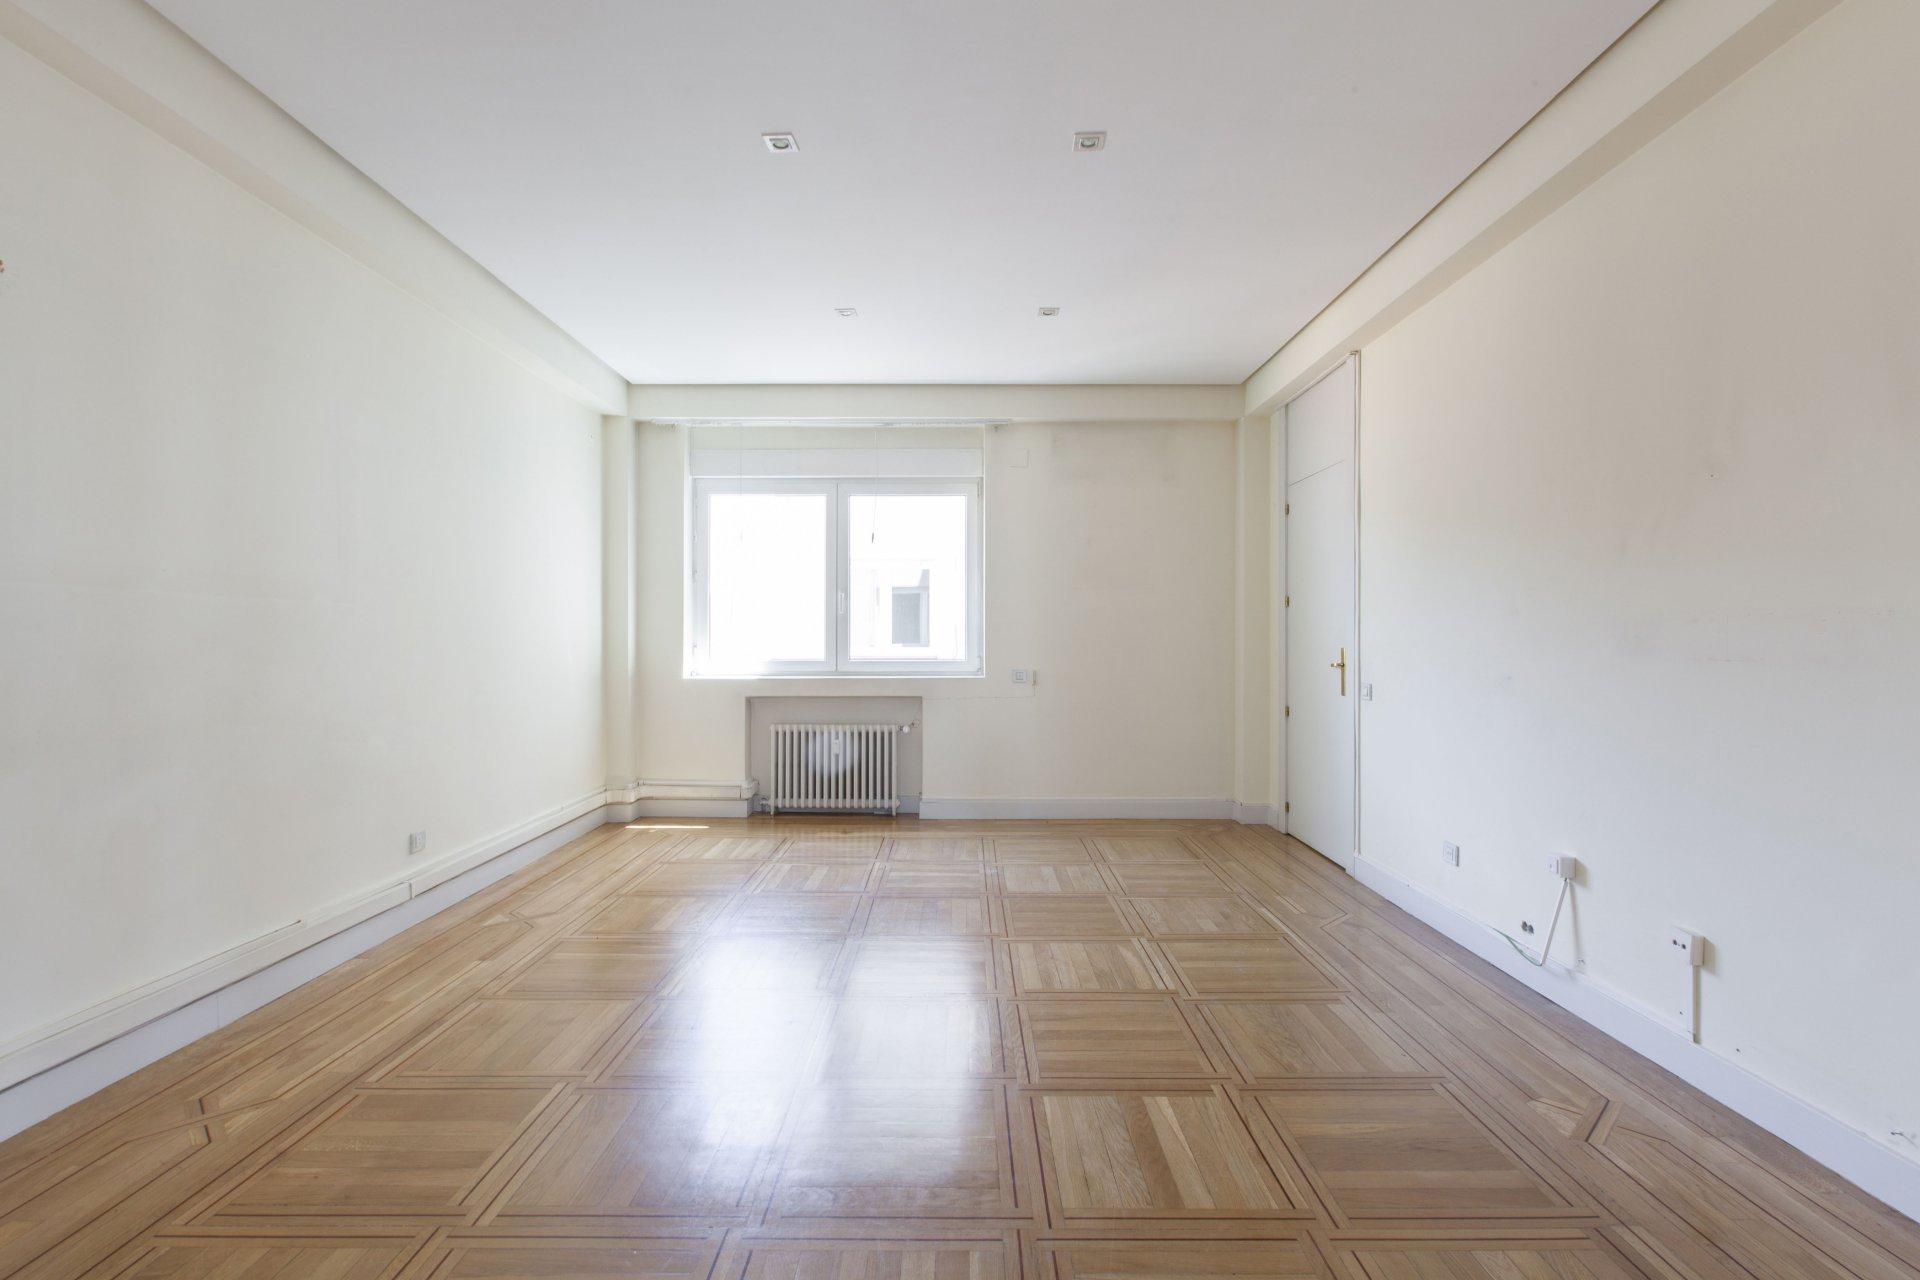 anuncio alquiler piso madrid recoletos 28000 john taylor